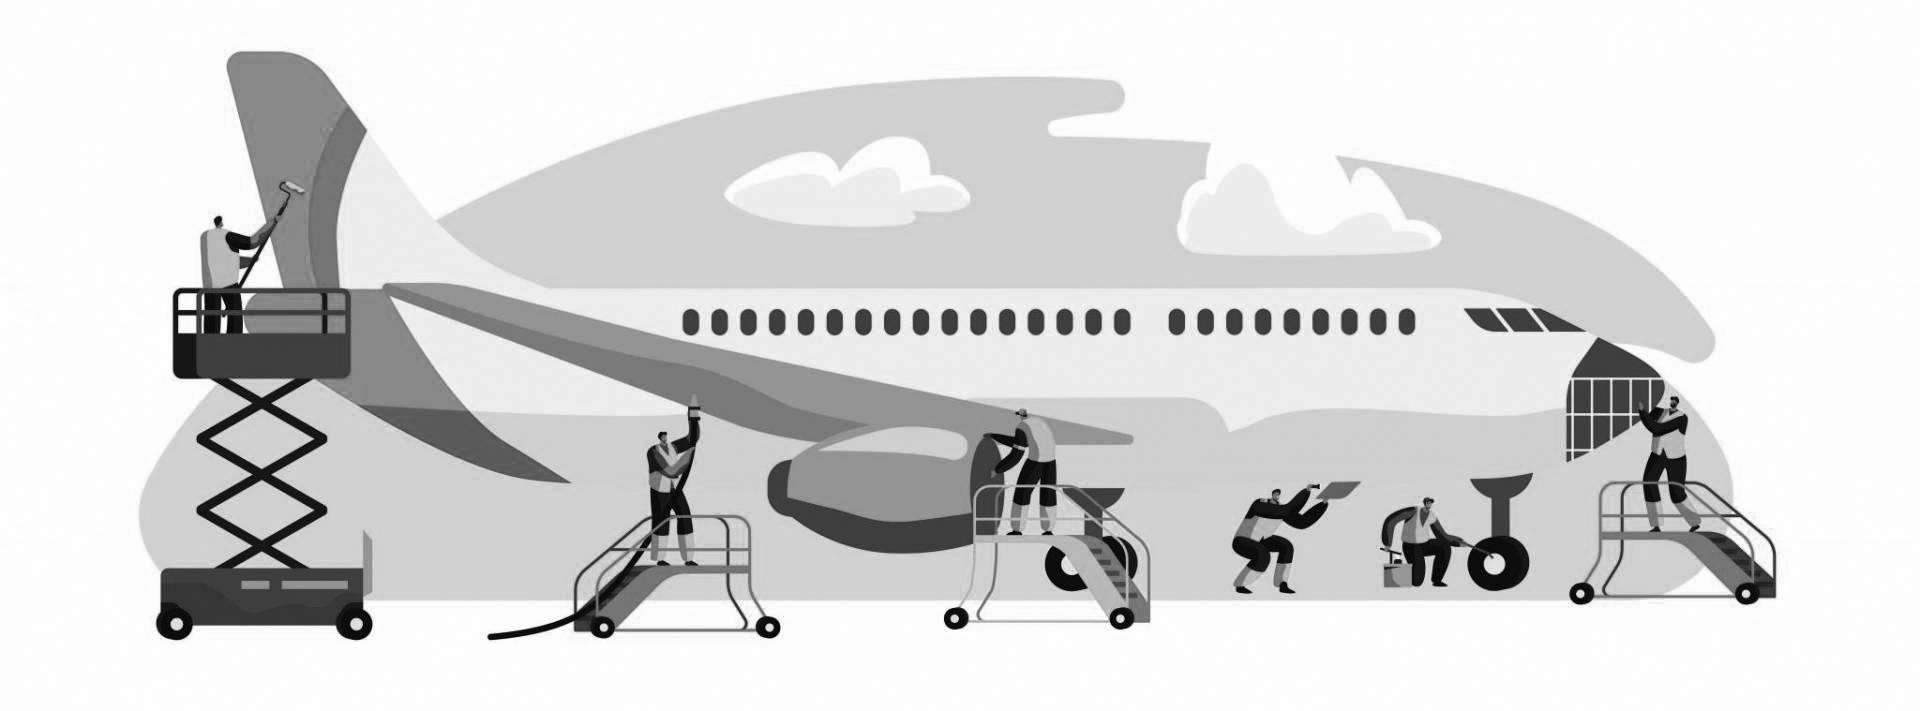 شركات الطيران تتكبد ملايين الدولارات لصيانة طائرات «بوينغ 737» المحظورة